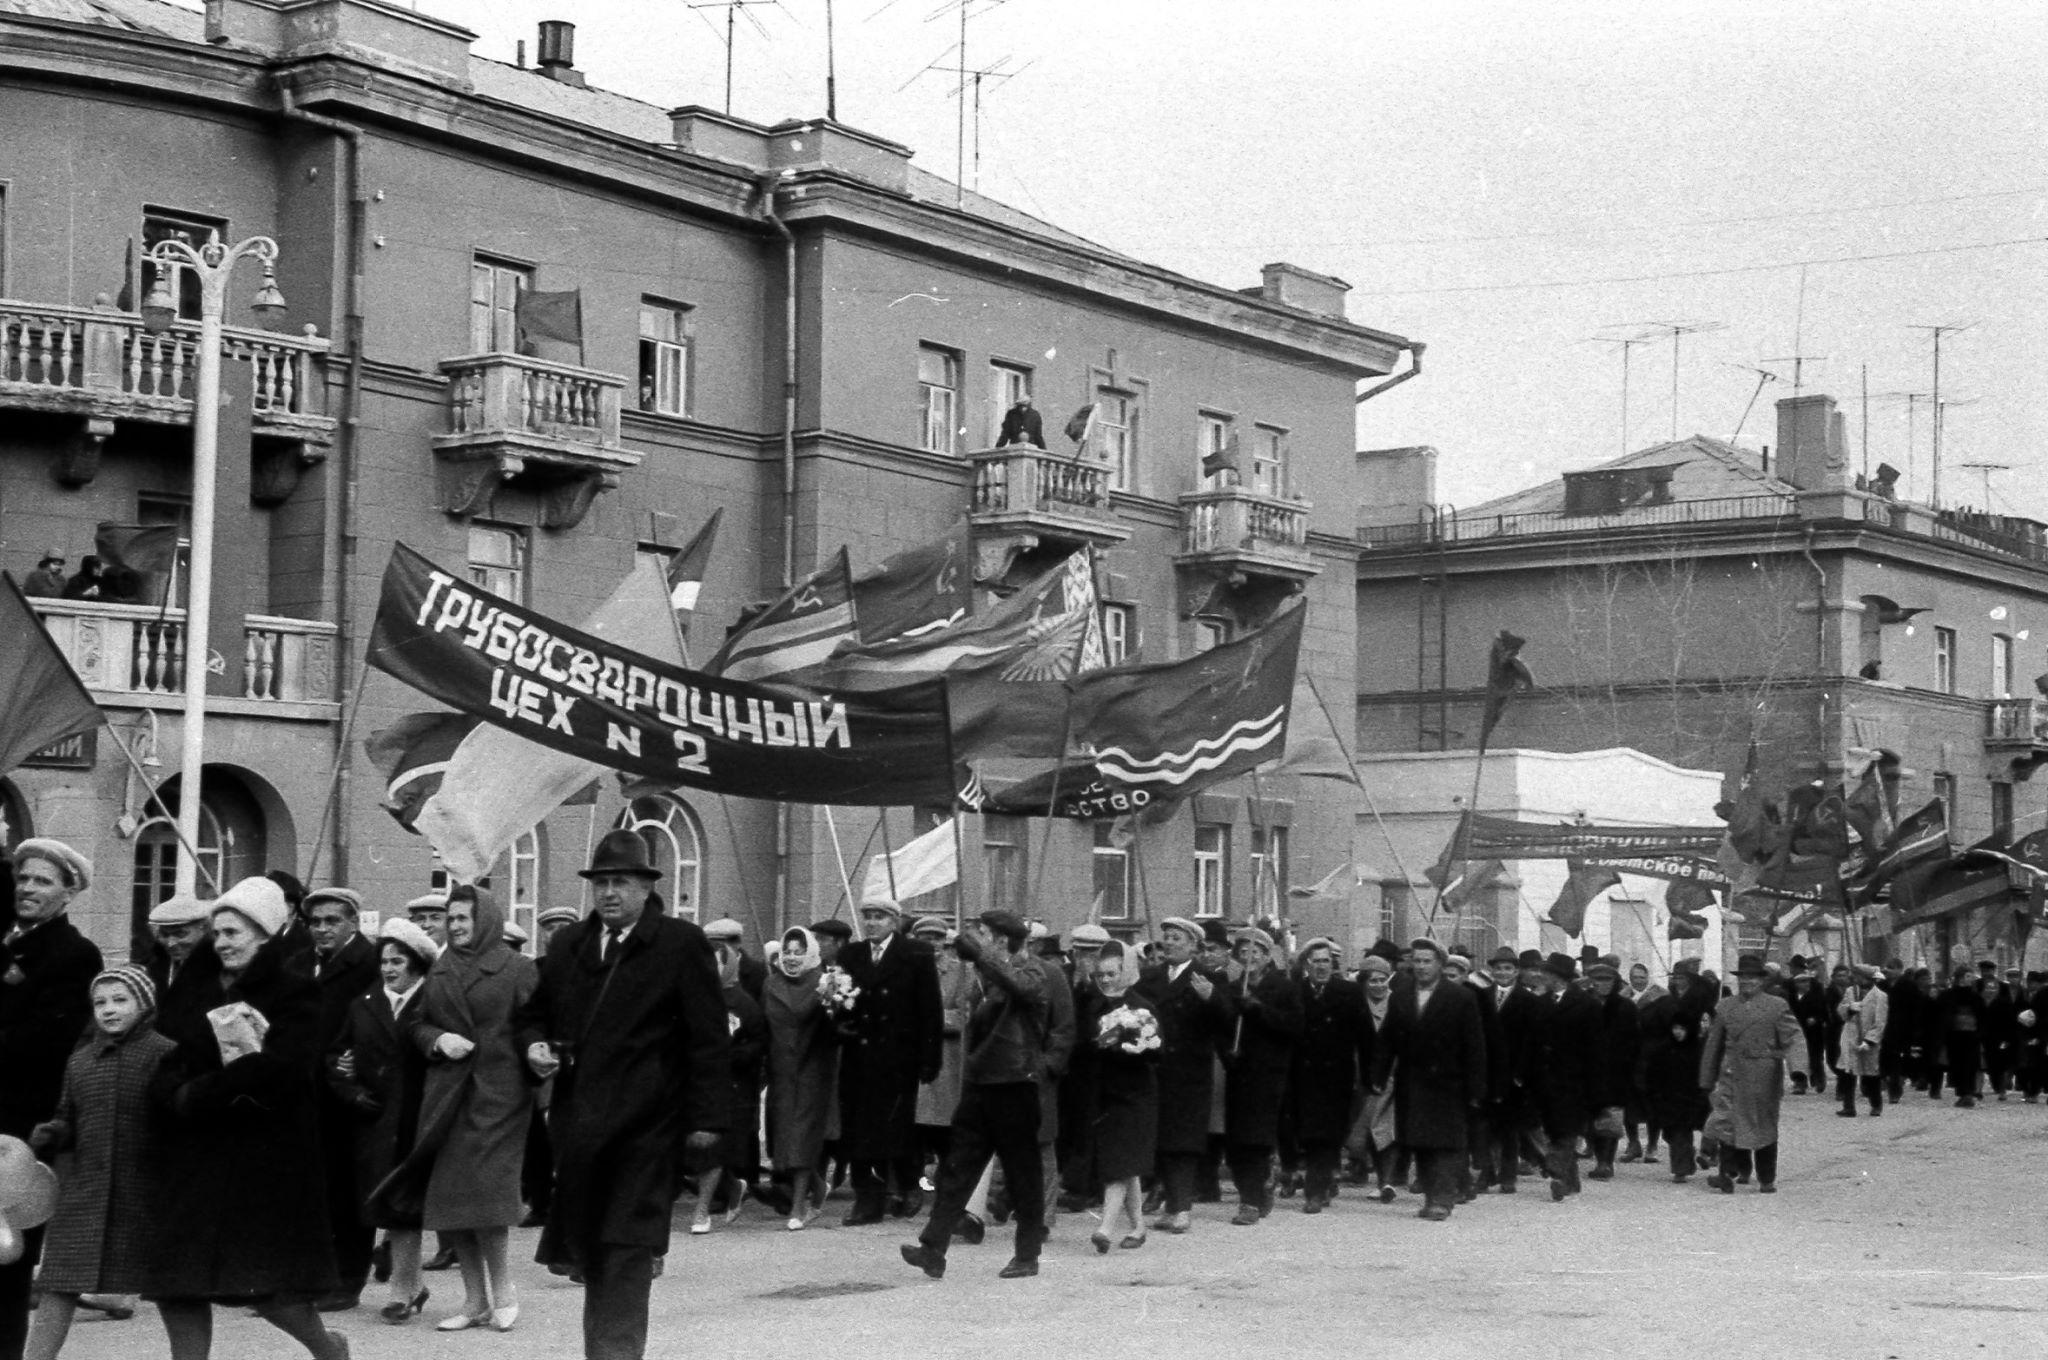 Октябрь в ноябре площади, направление, будет, более, Конечно, трибуны, Ленину, демонстрация, Октябрьской, вождя, сторону, парка, памятника, старшего, поколения, корпоративов, нынешних, предтечи, коллективах, трудовых